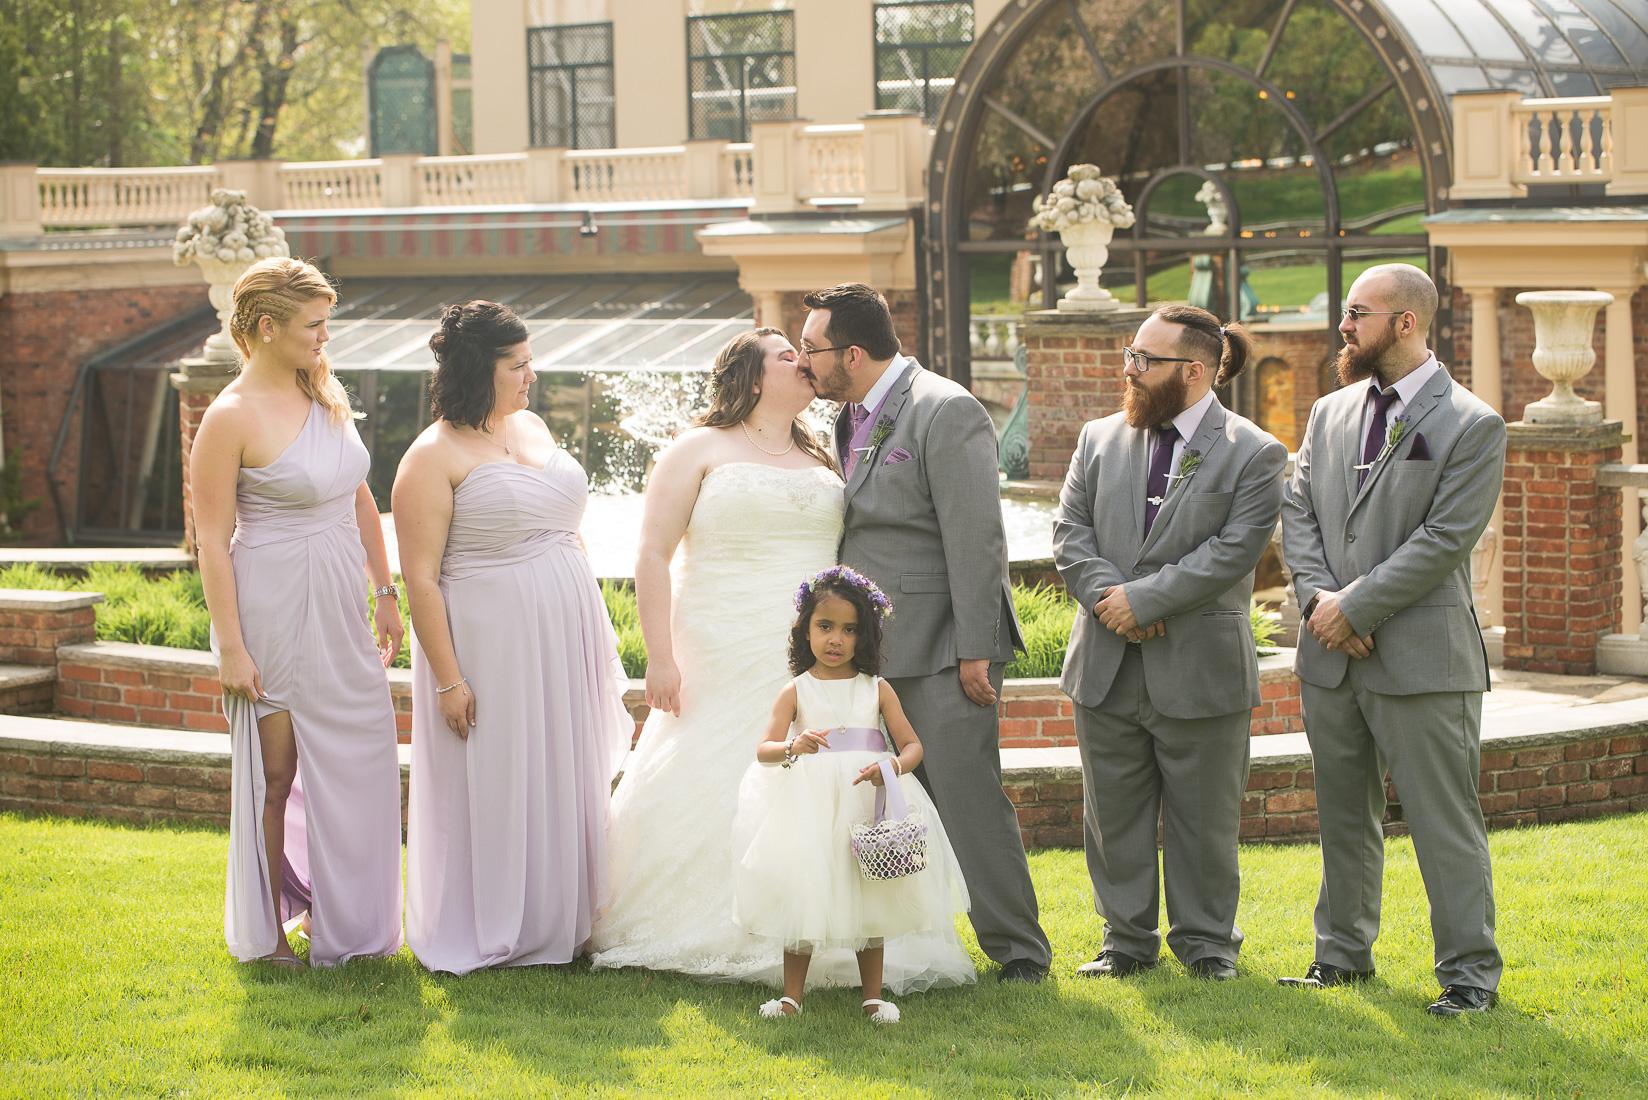 Manor-SouthOrange-NJ-wedding-0011.jpg